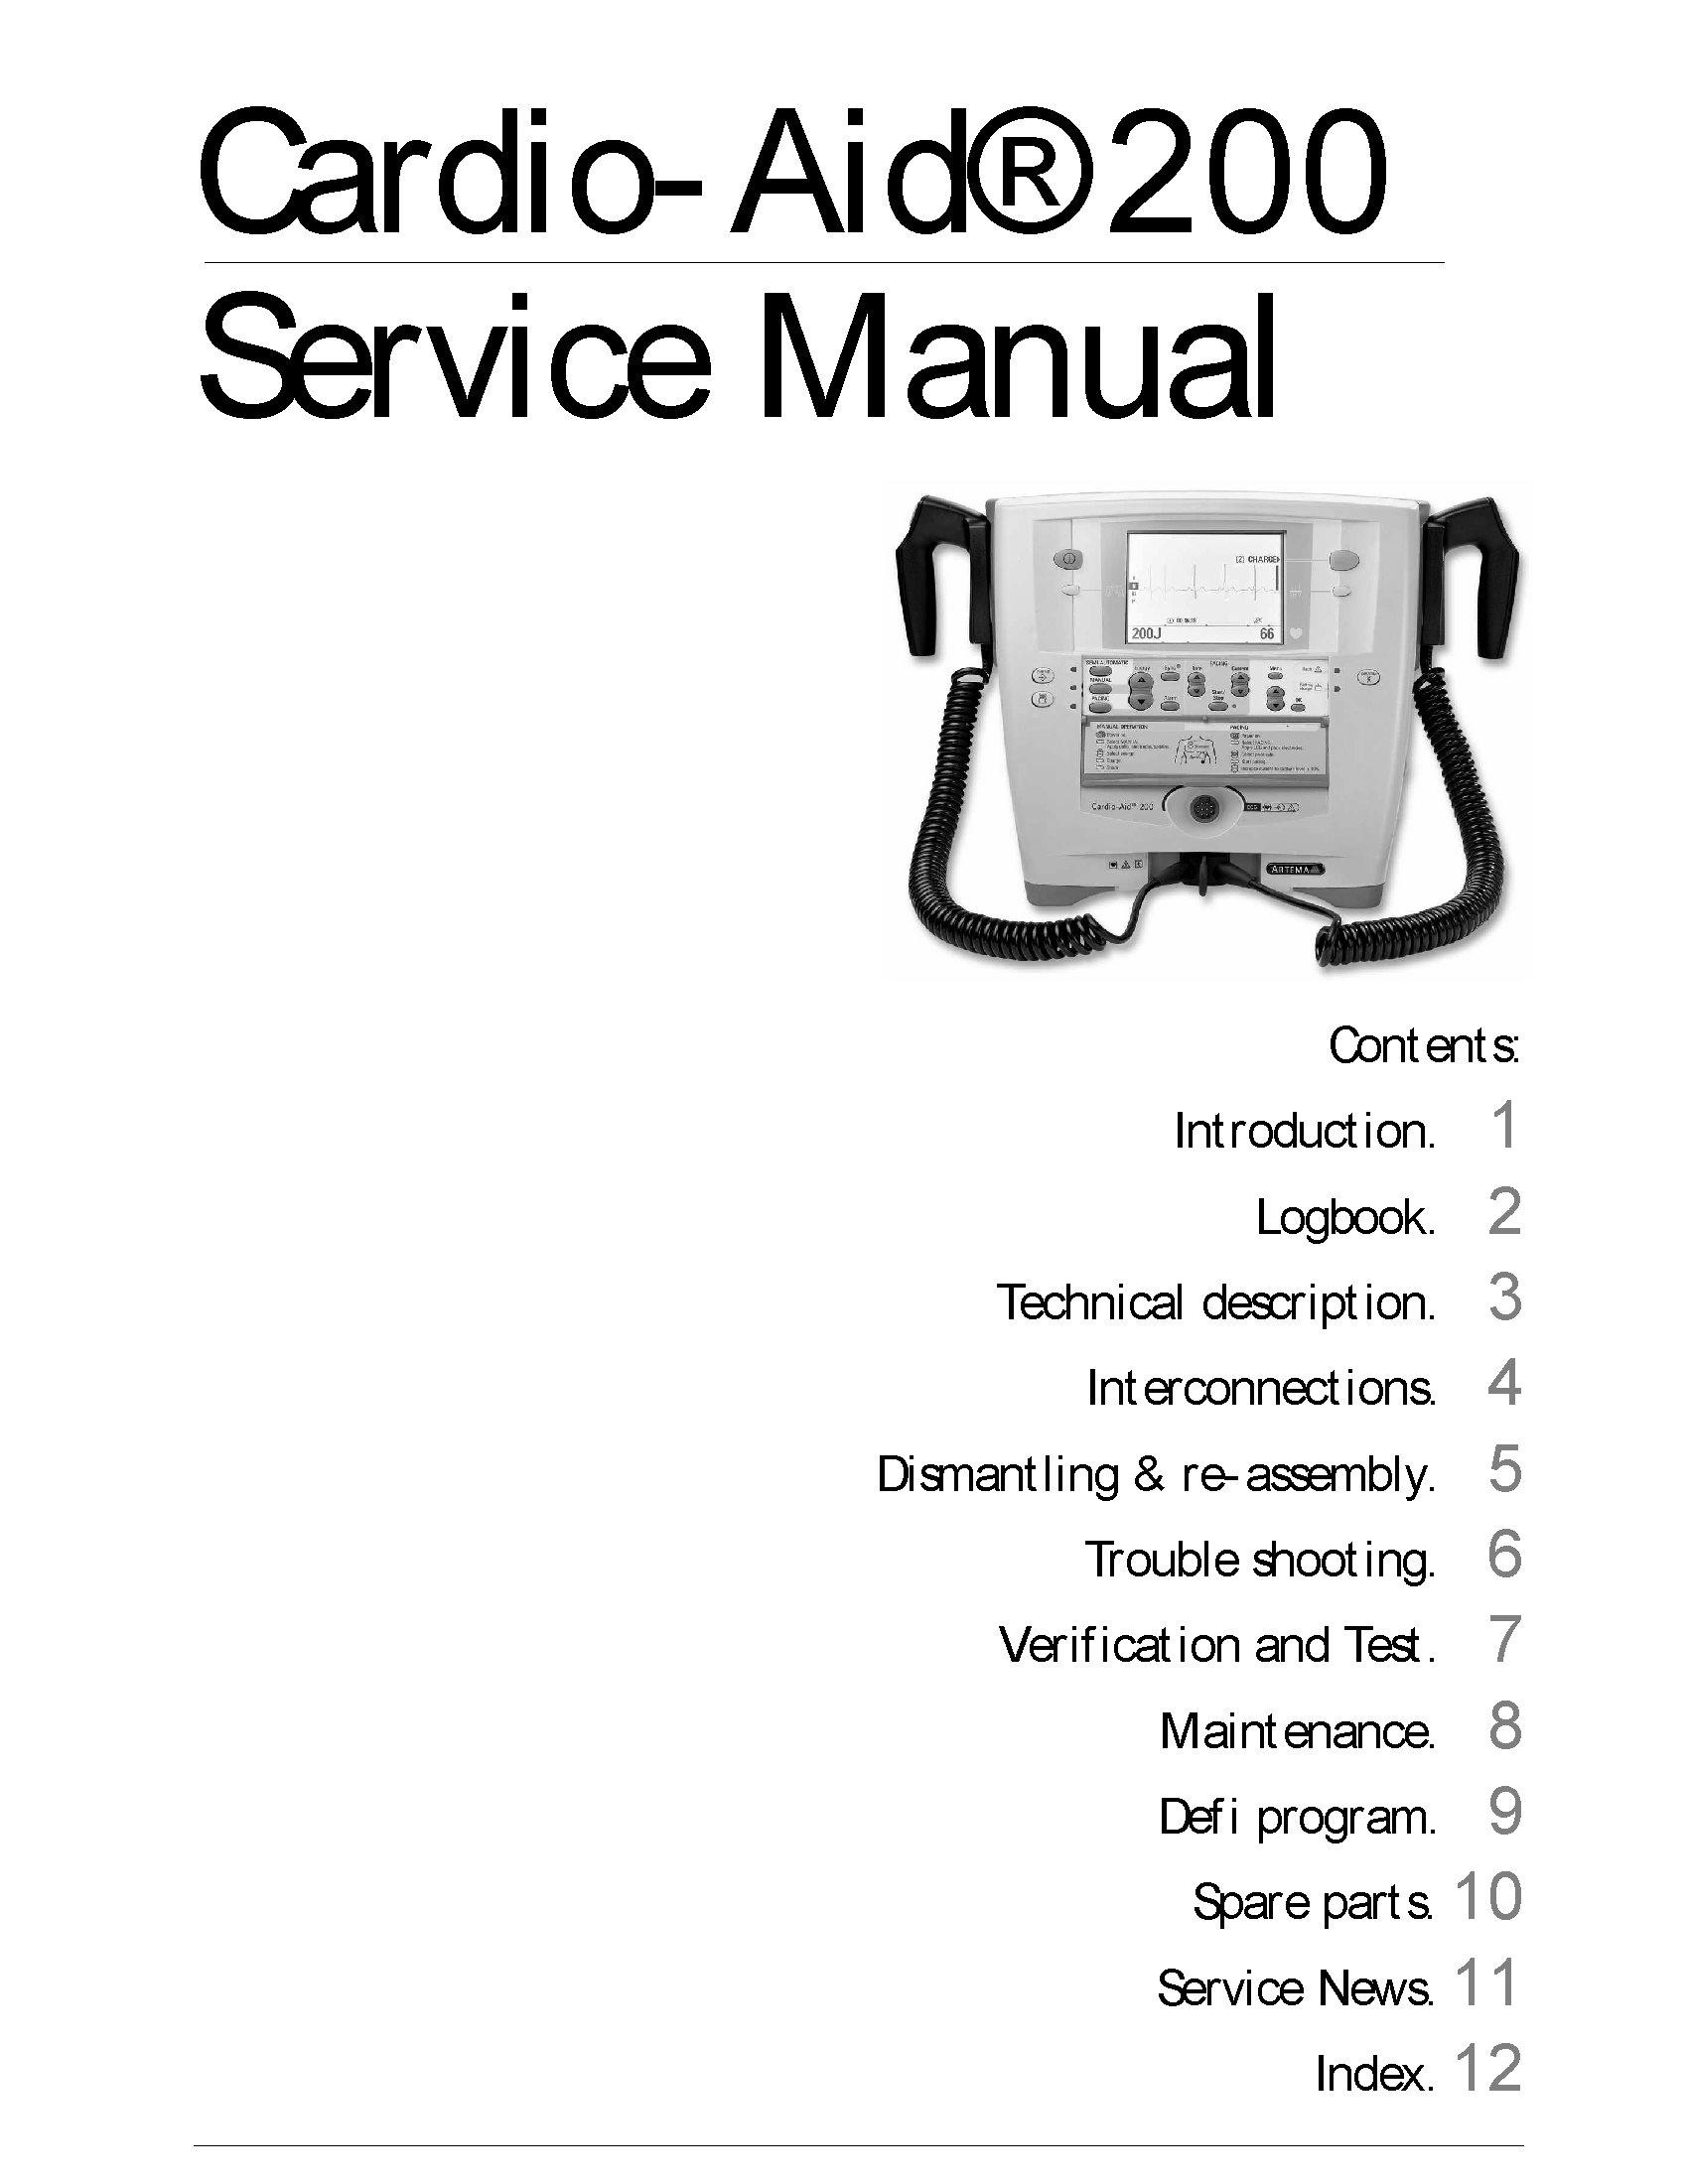 Cardio-Aid® 200 Service Manual